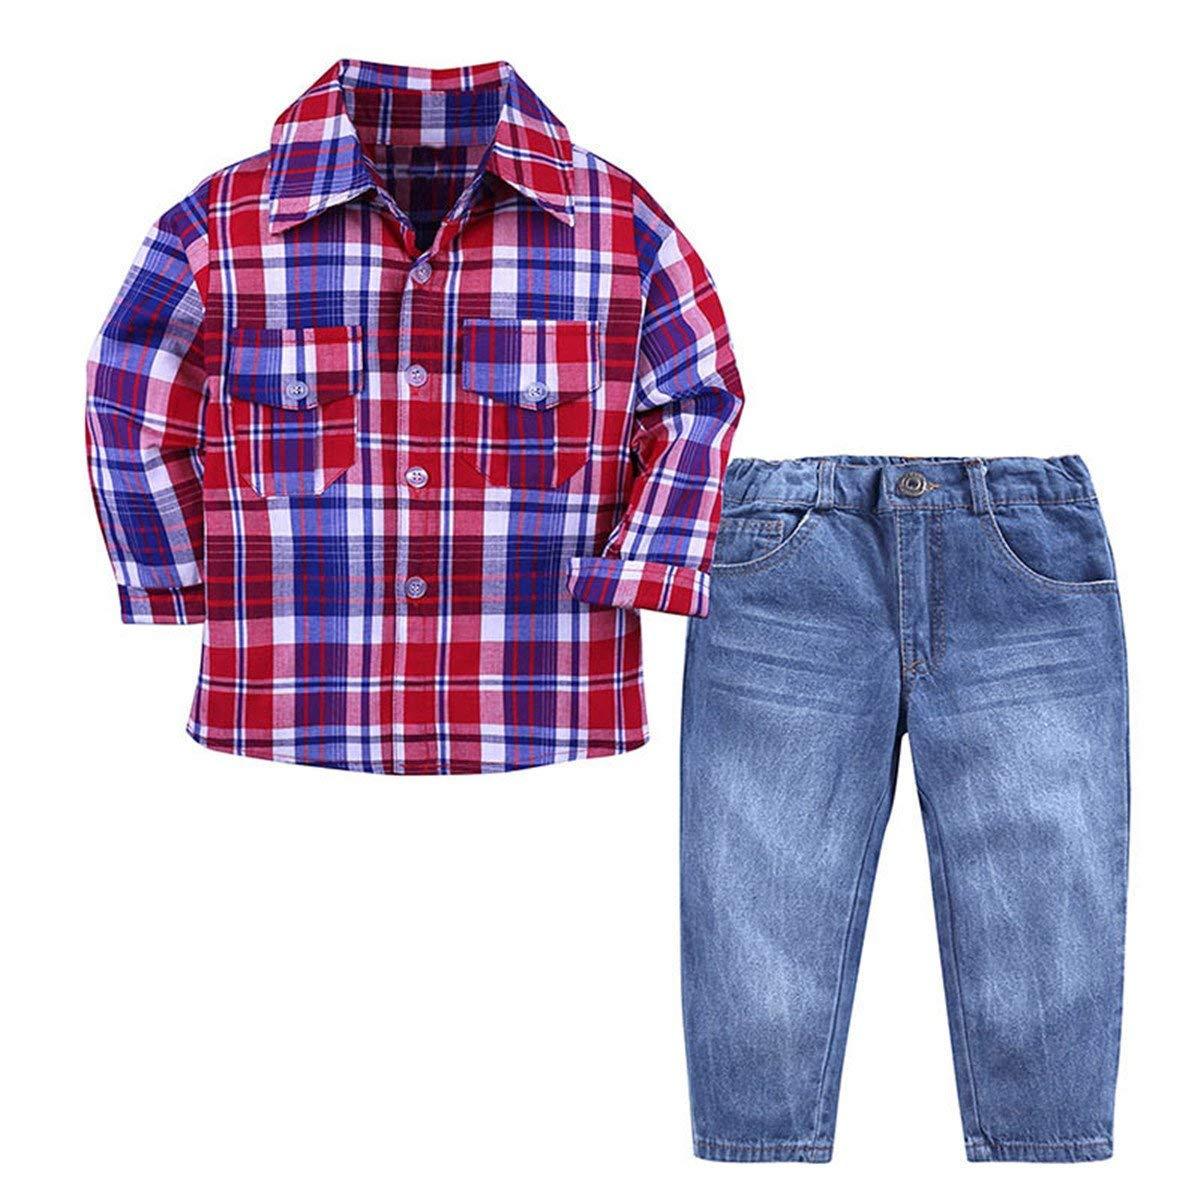 Children Clothes 2018 Autumn Winter Boys Clothes T-Shirt+Pant 2Pcs Outfit Kids Tracksuit Sports Suit Boys Clothing Sets